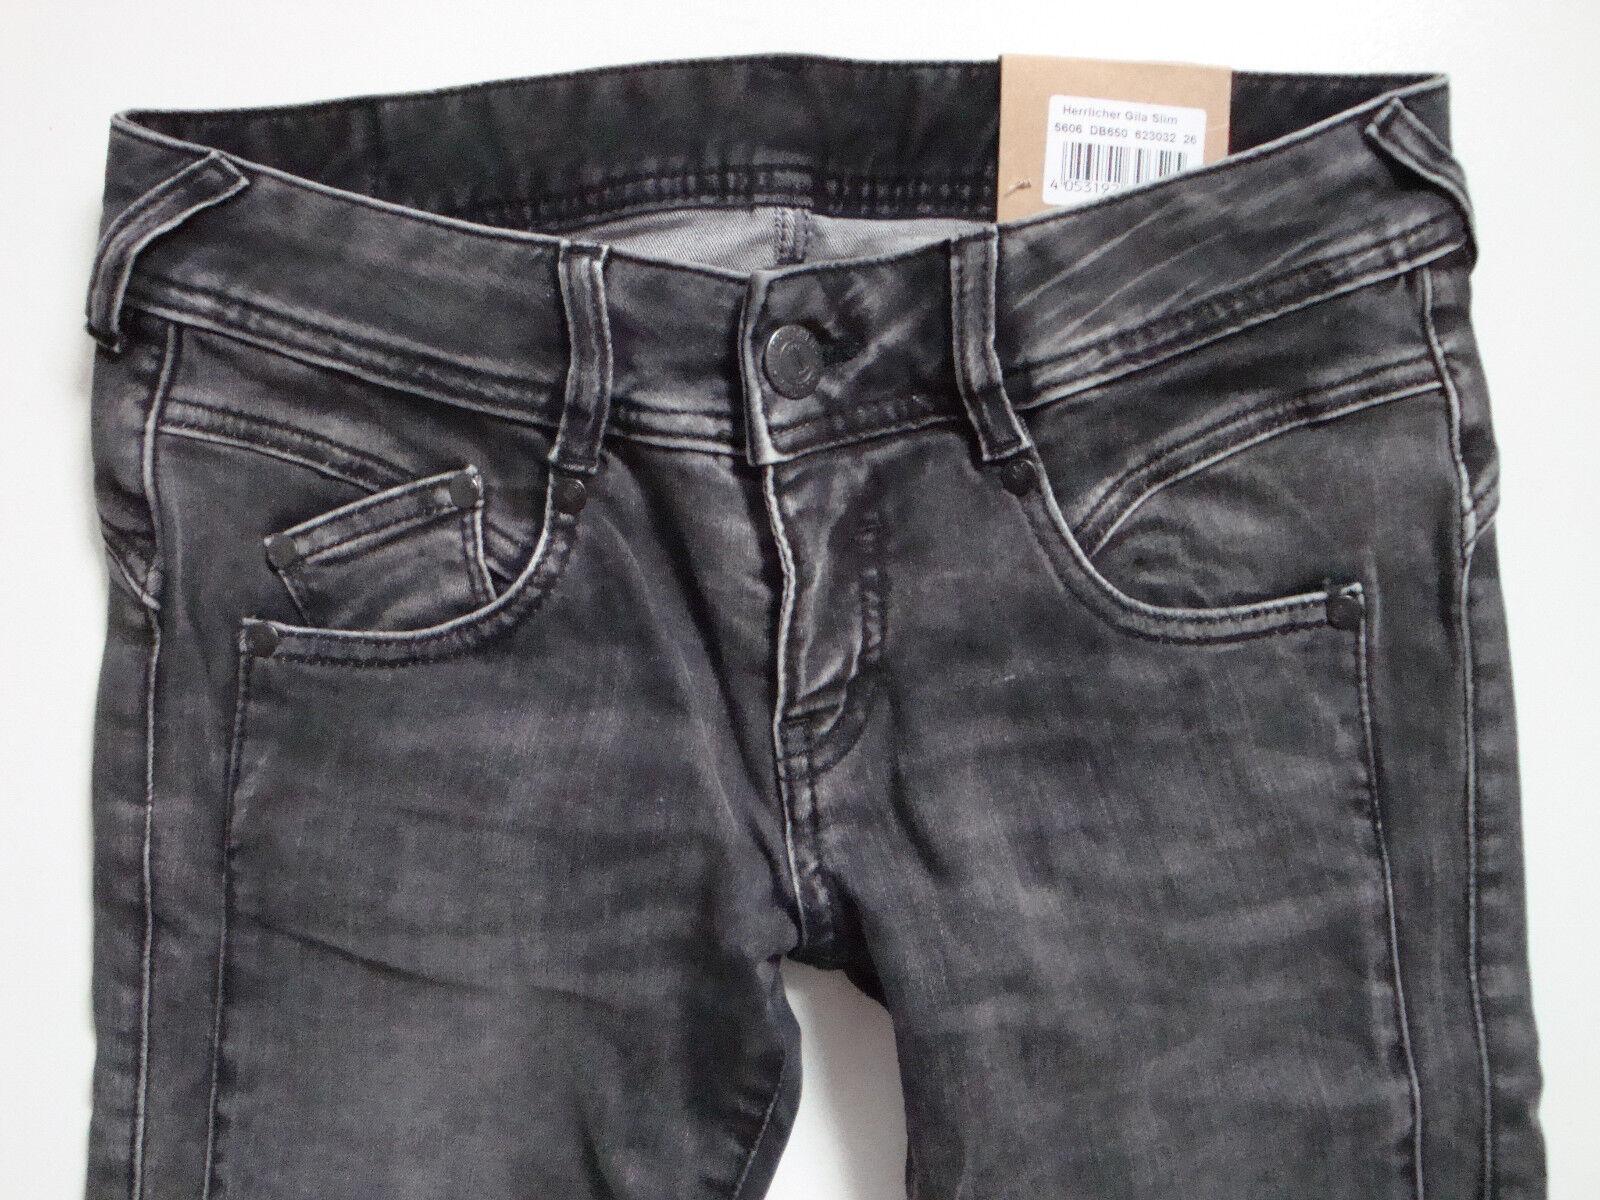 HERRLICHER  Jeans GILA  Slim  5606 Stretch W25 W26 W27 W28 W29 W30 W31 Neu